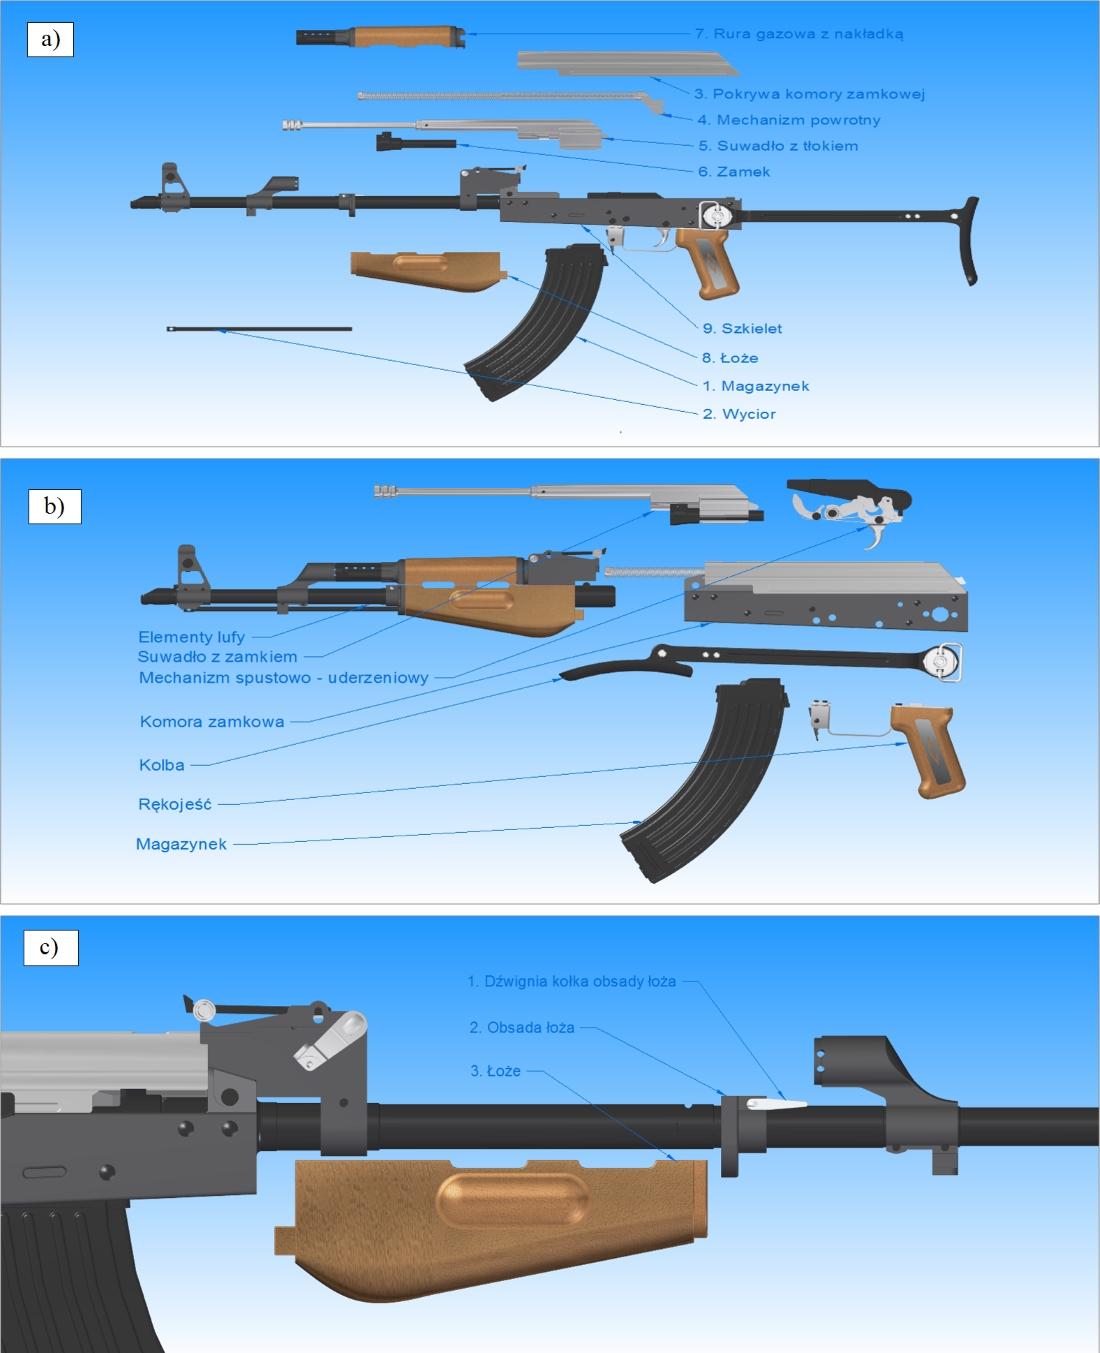 Właściwe nazewnictwo poszczególnych komponentów rozpatrywanej broni palnej, przedstawione w postaci tzw. adnotacji 3D (in. uwag), dla różnych konfiguracji i etapów procesu montażu i demontażu